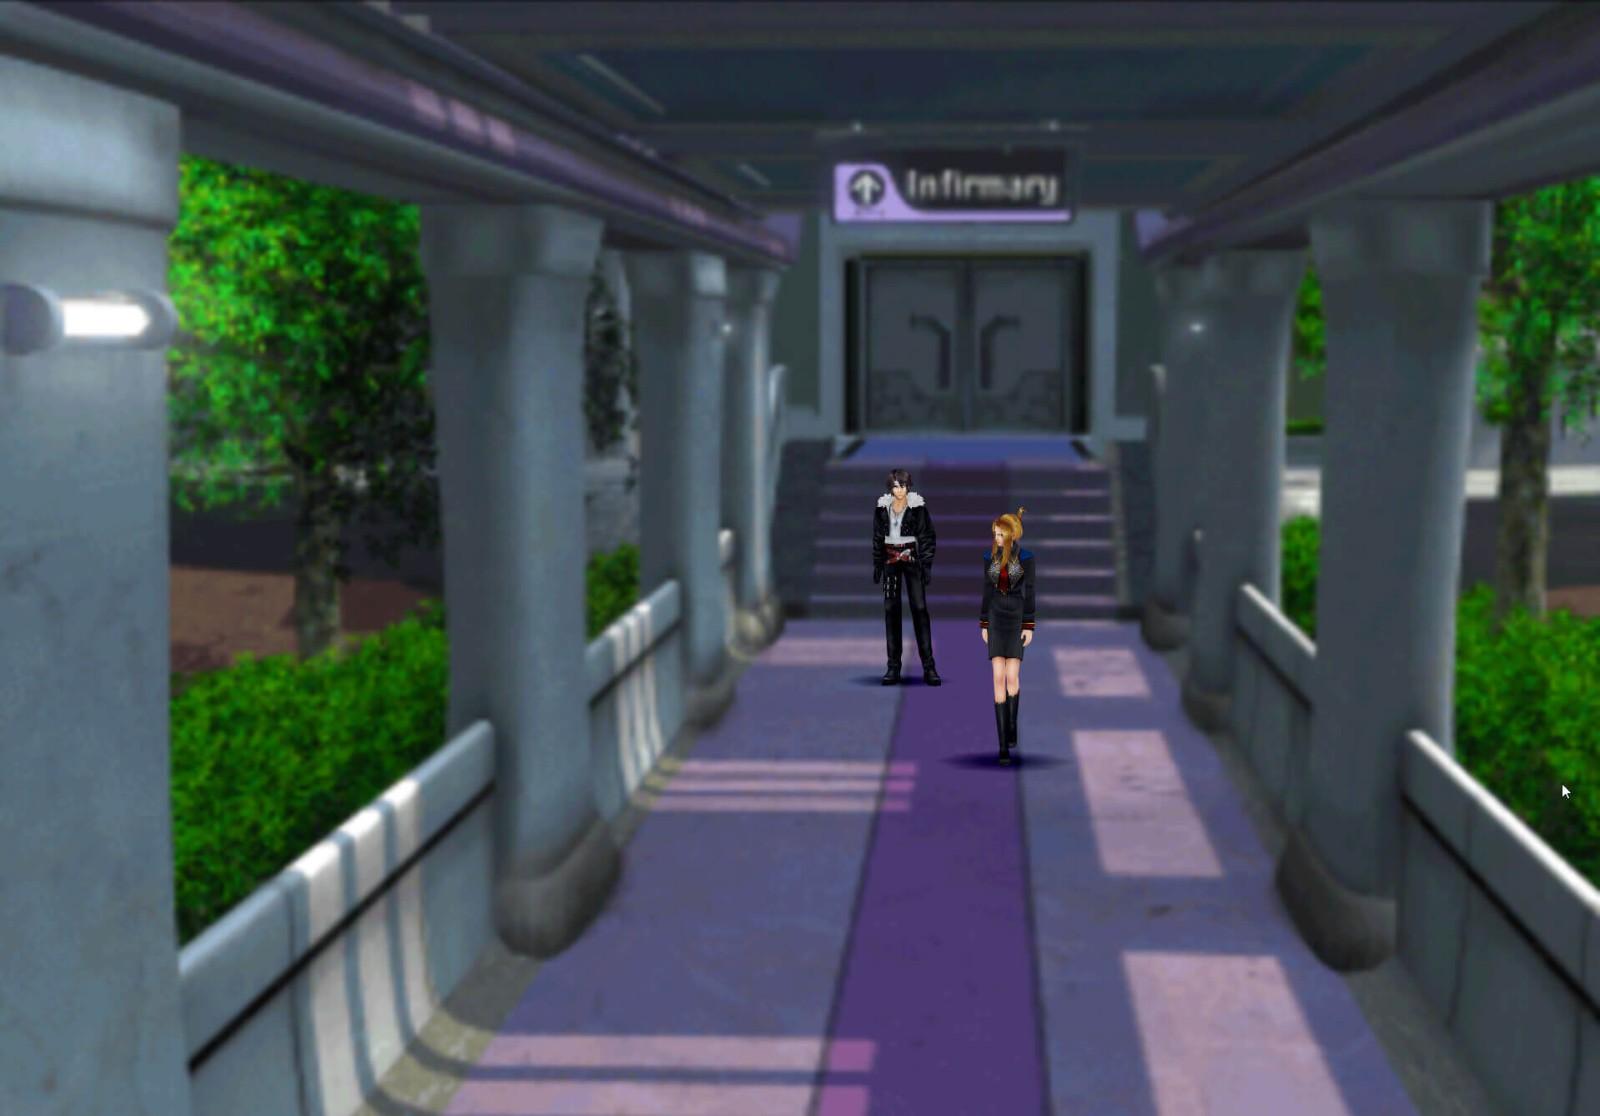 碾压官方版本 玩家自制《最终幻想8:重制版》场景